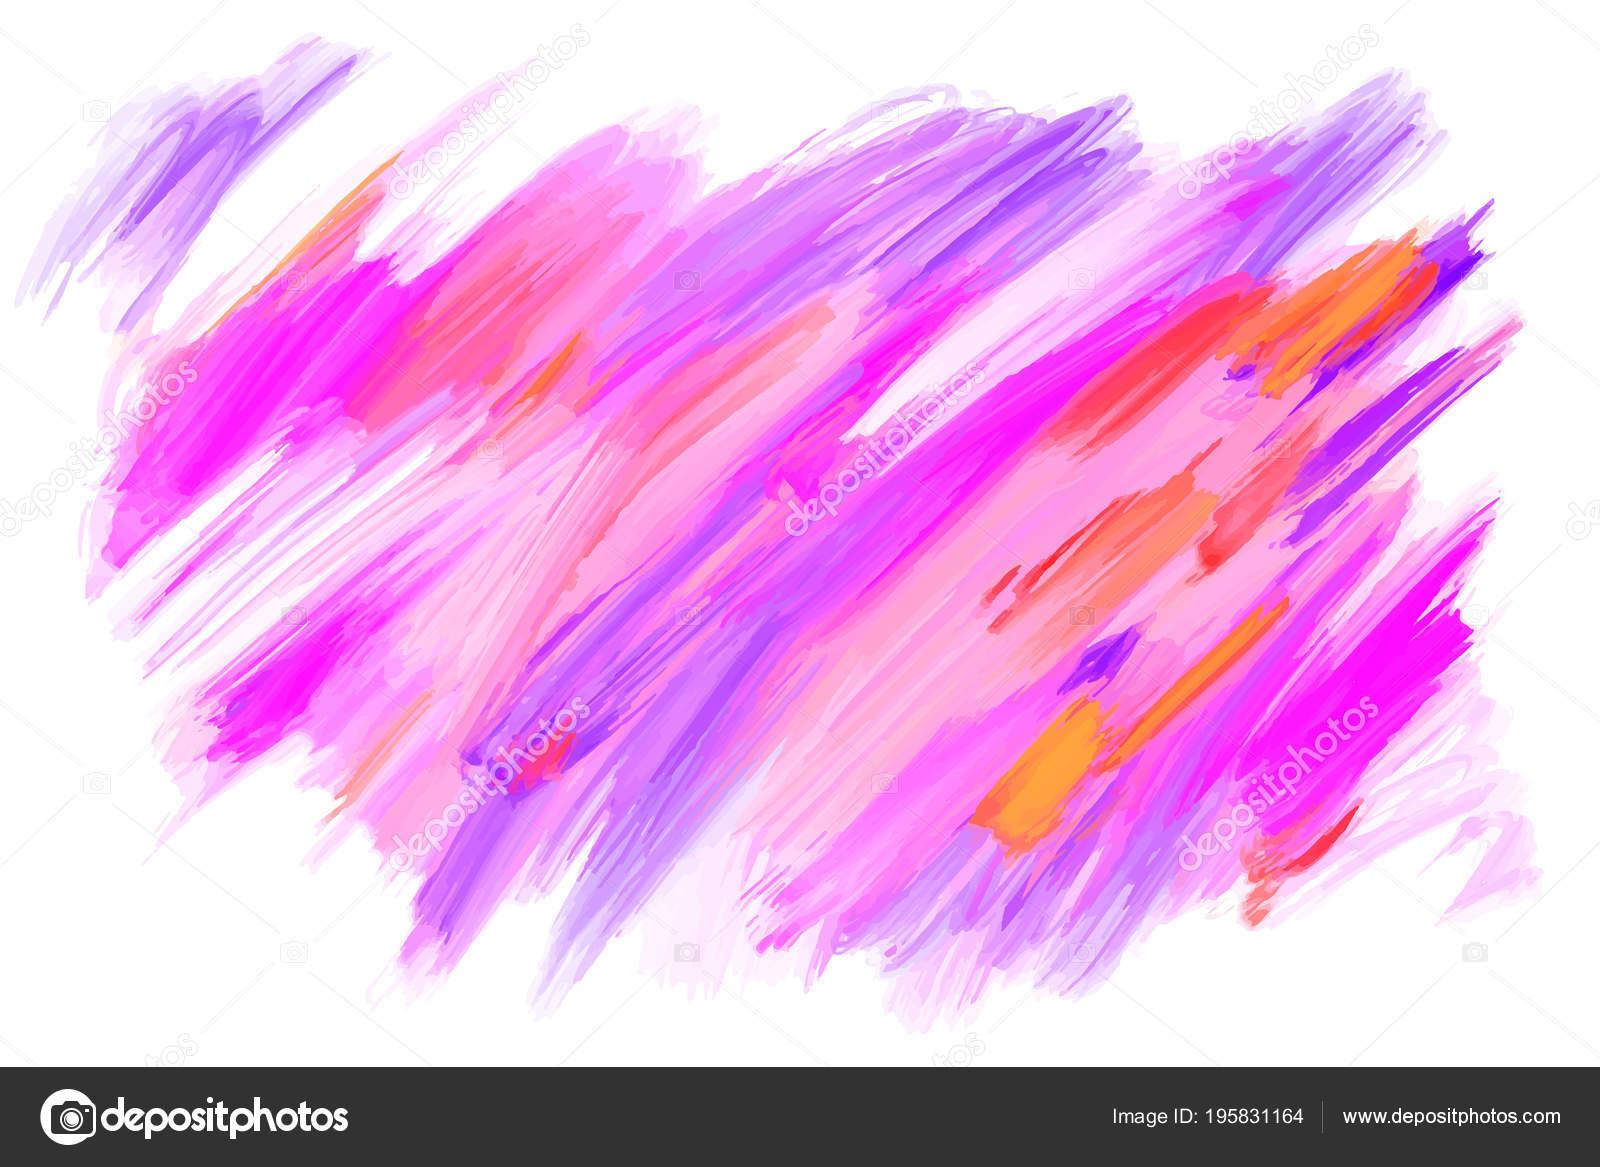 32bf5adbf8 Vektor kézzel rajzolt ecset foltok és a stroke. Színes festett háttér. Olaj  festmény hatású